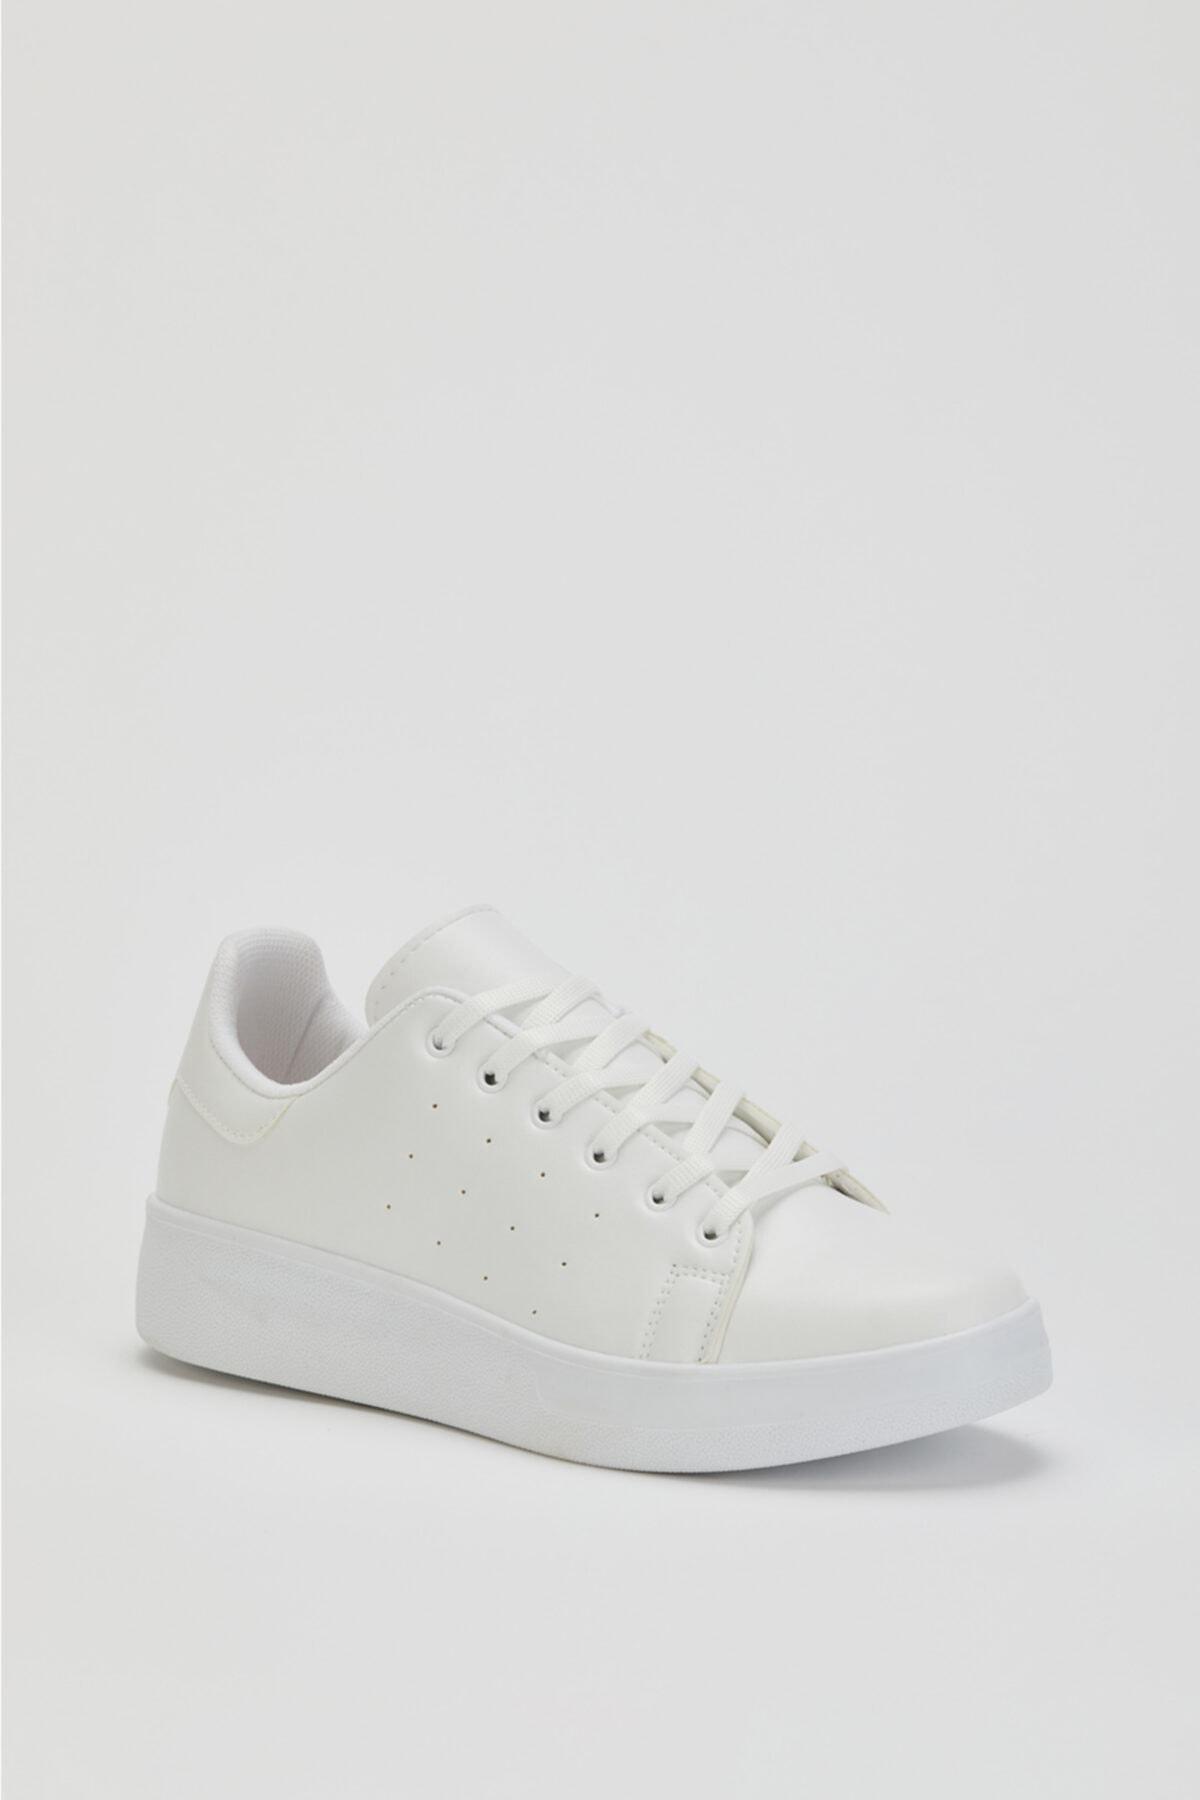 MUGGO Unisex Beyaz Sneaker Ayakkabı Svt21 1